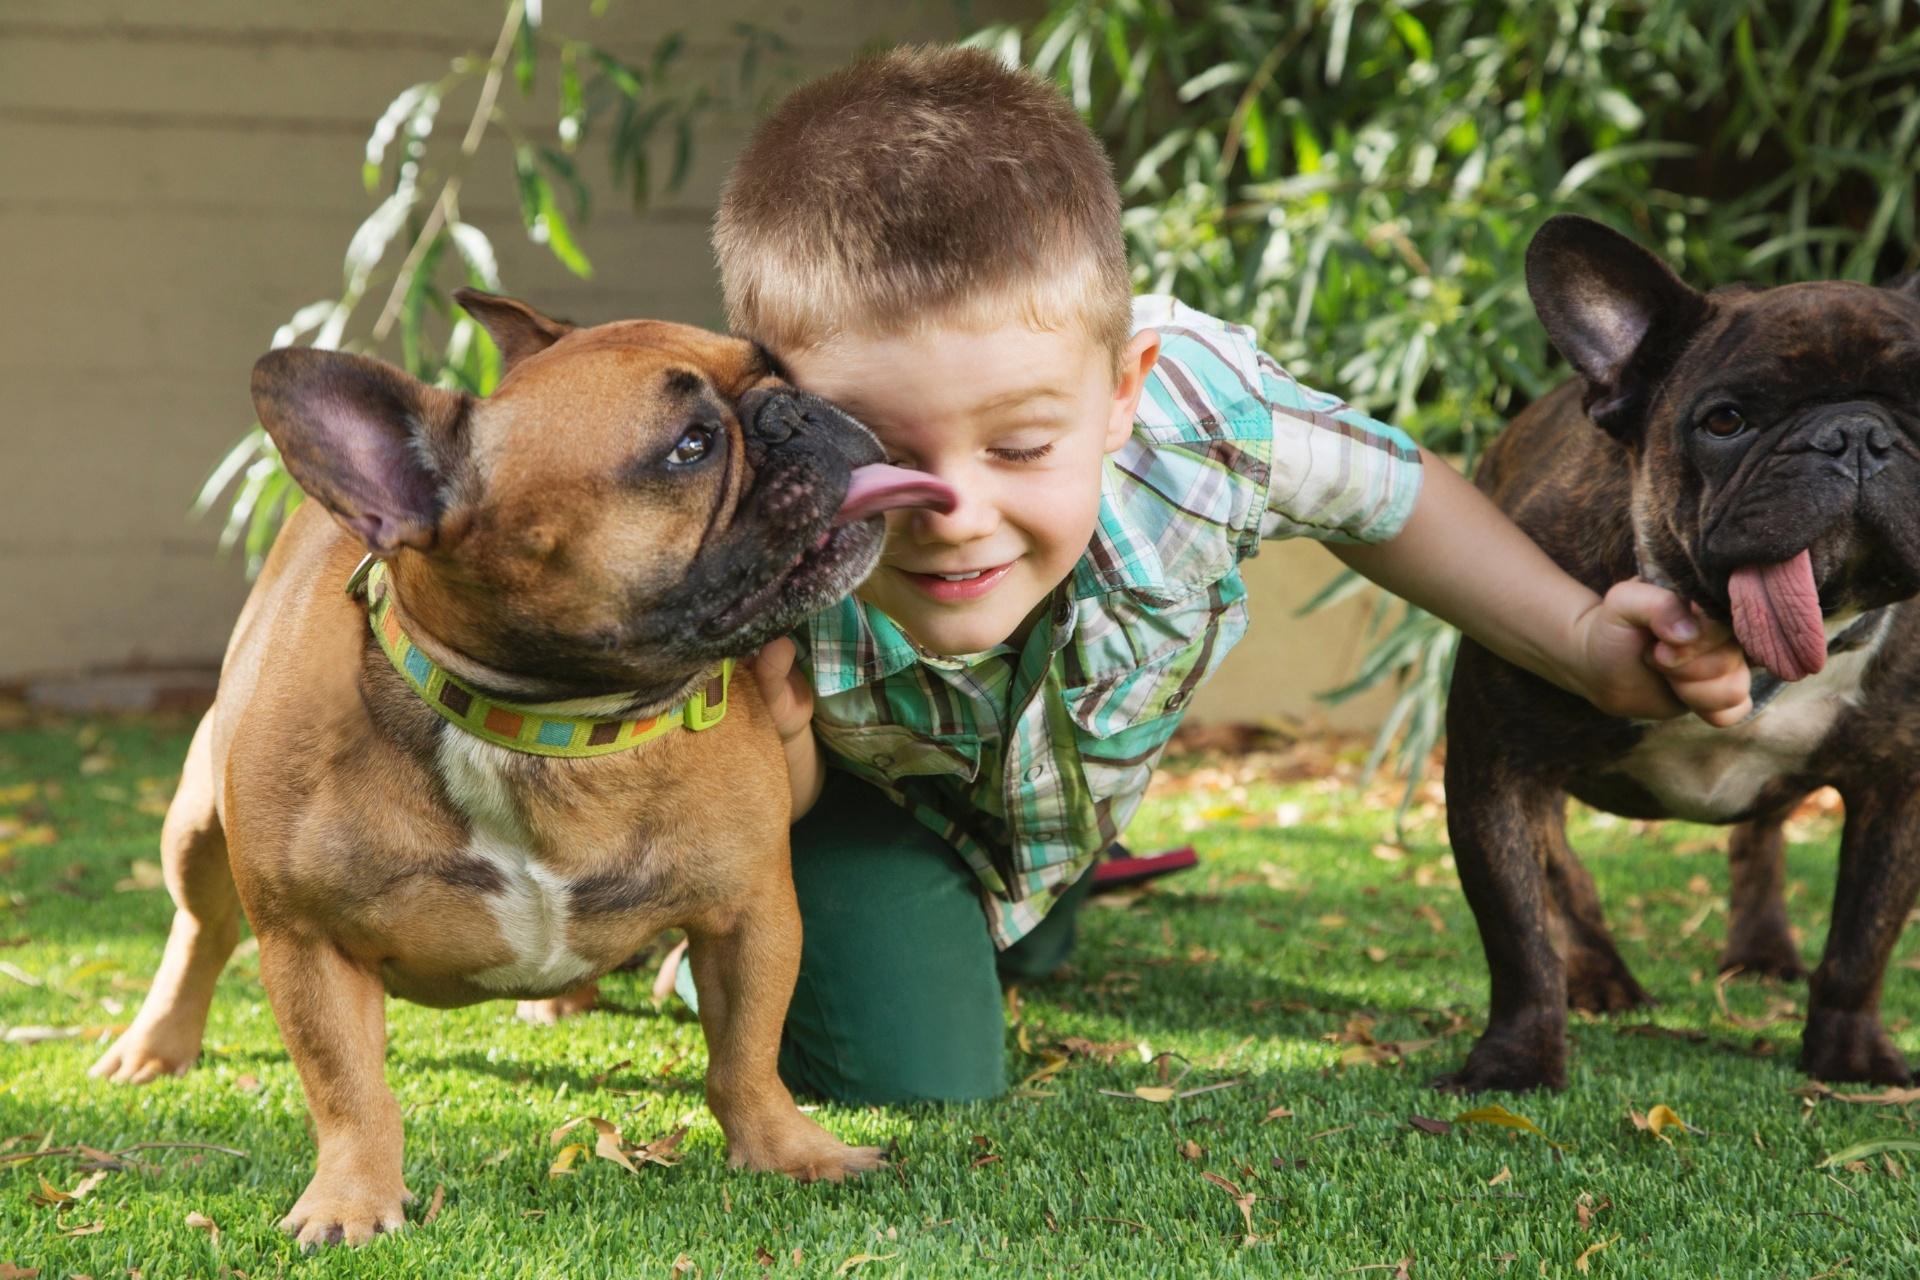 4.jun.2016 - Cachorro lambe criança